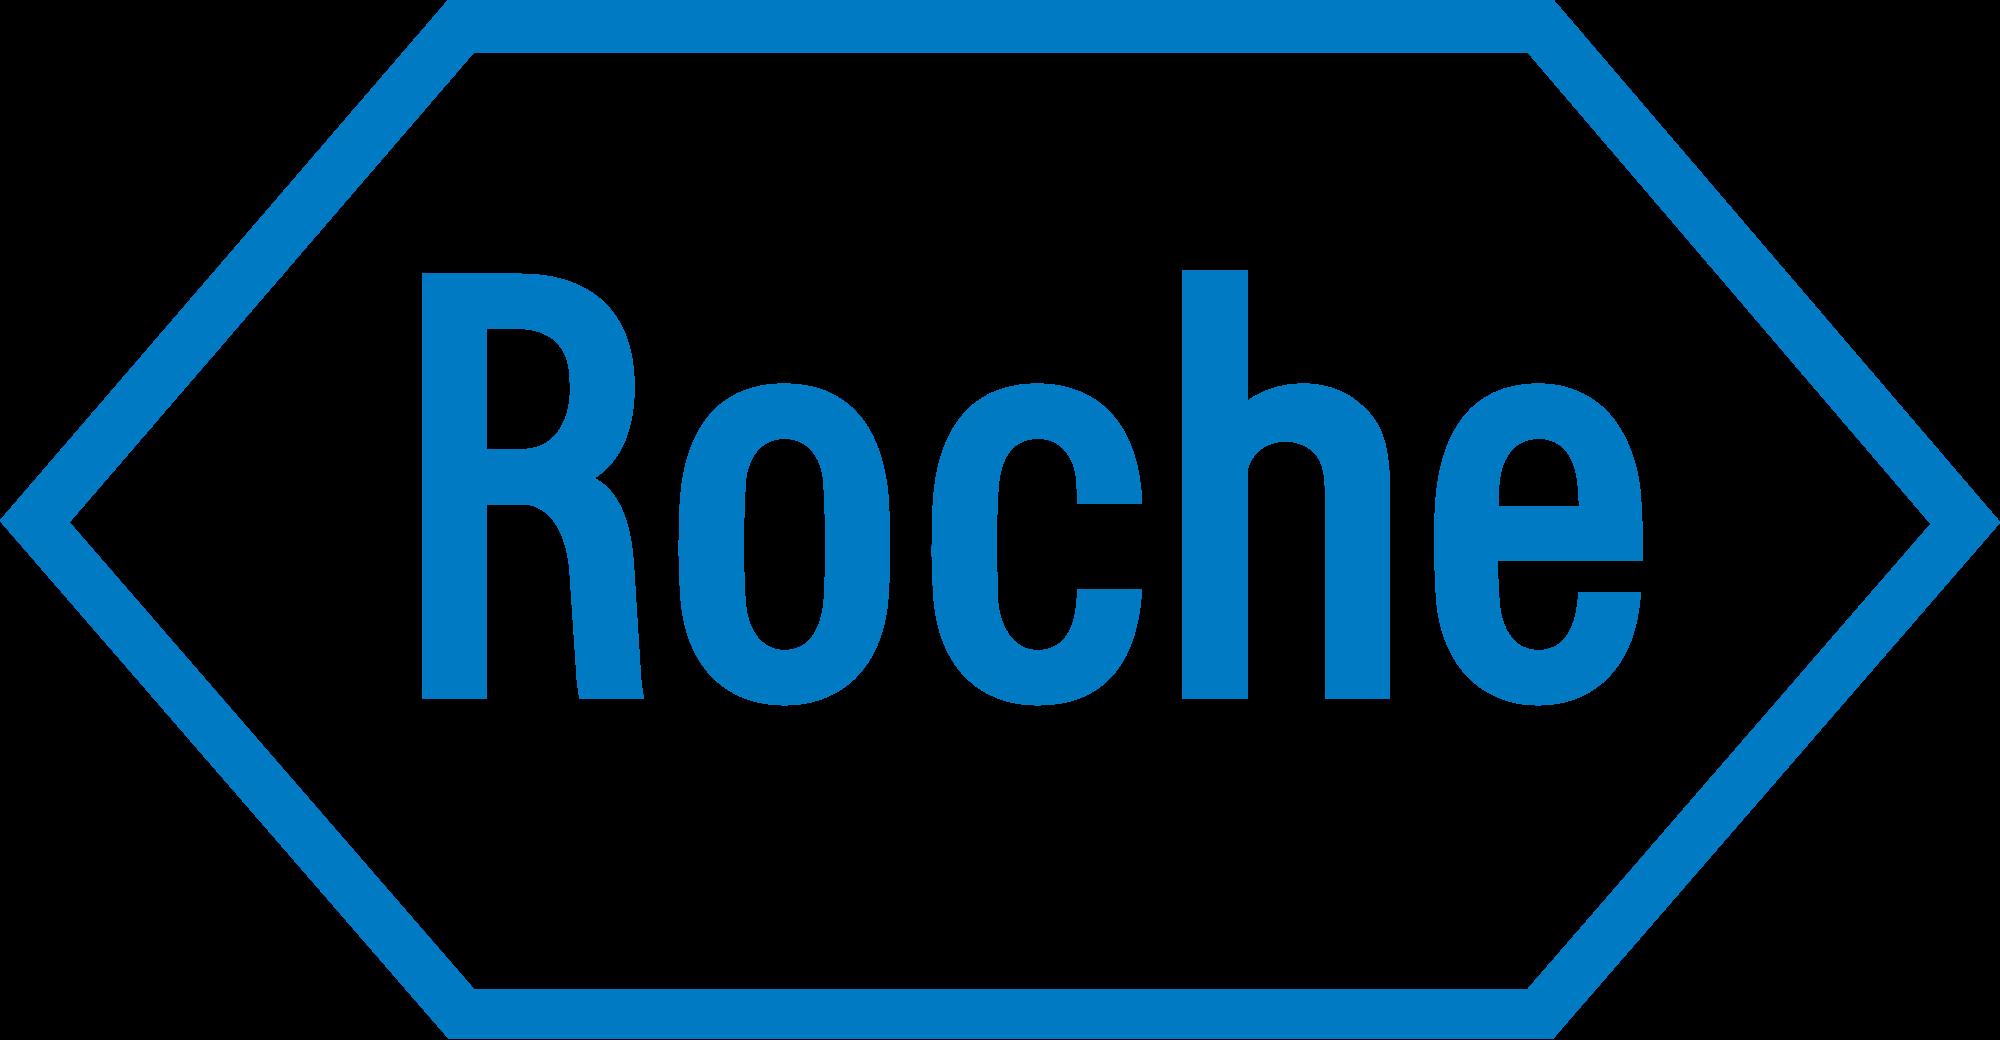 Hoffmann-La_Roche_logo